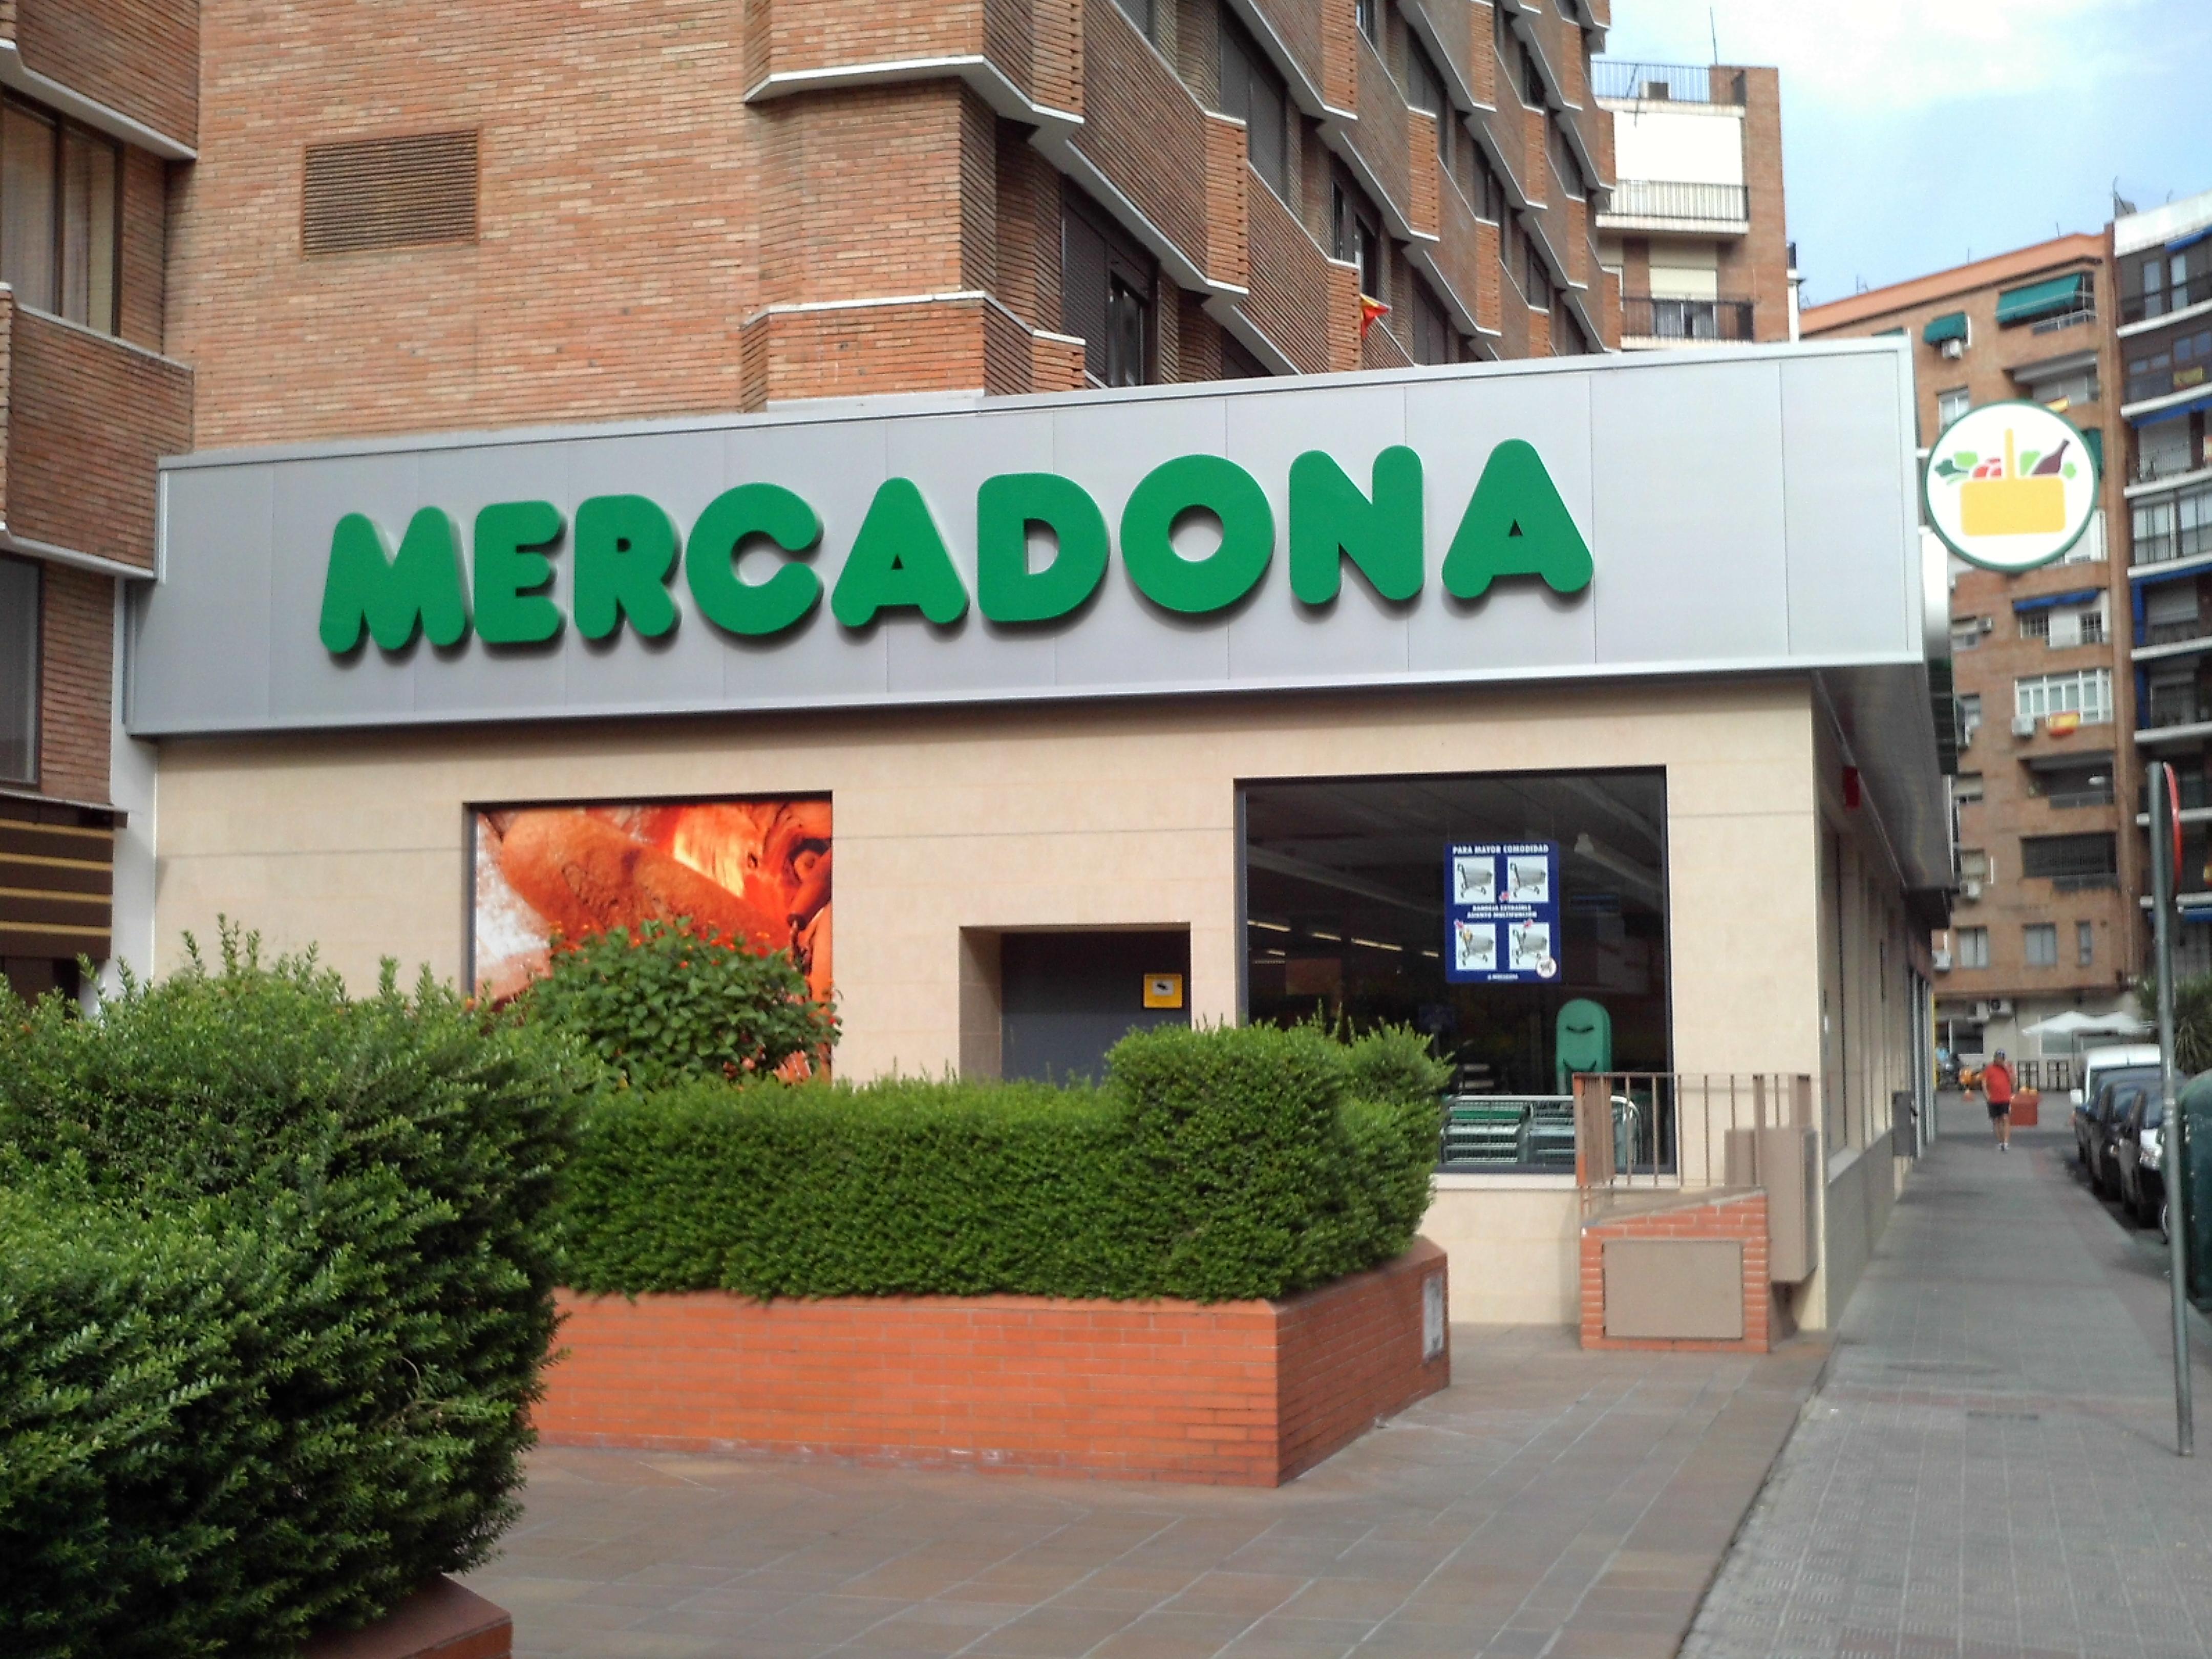 «Меркадона» создает 90 новых рабочих мест в Каталонии